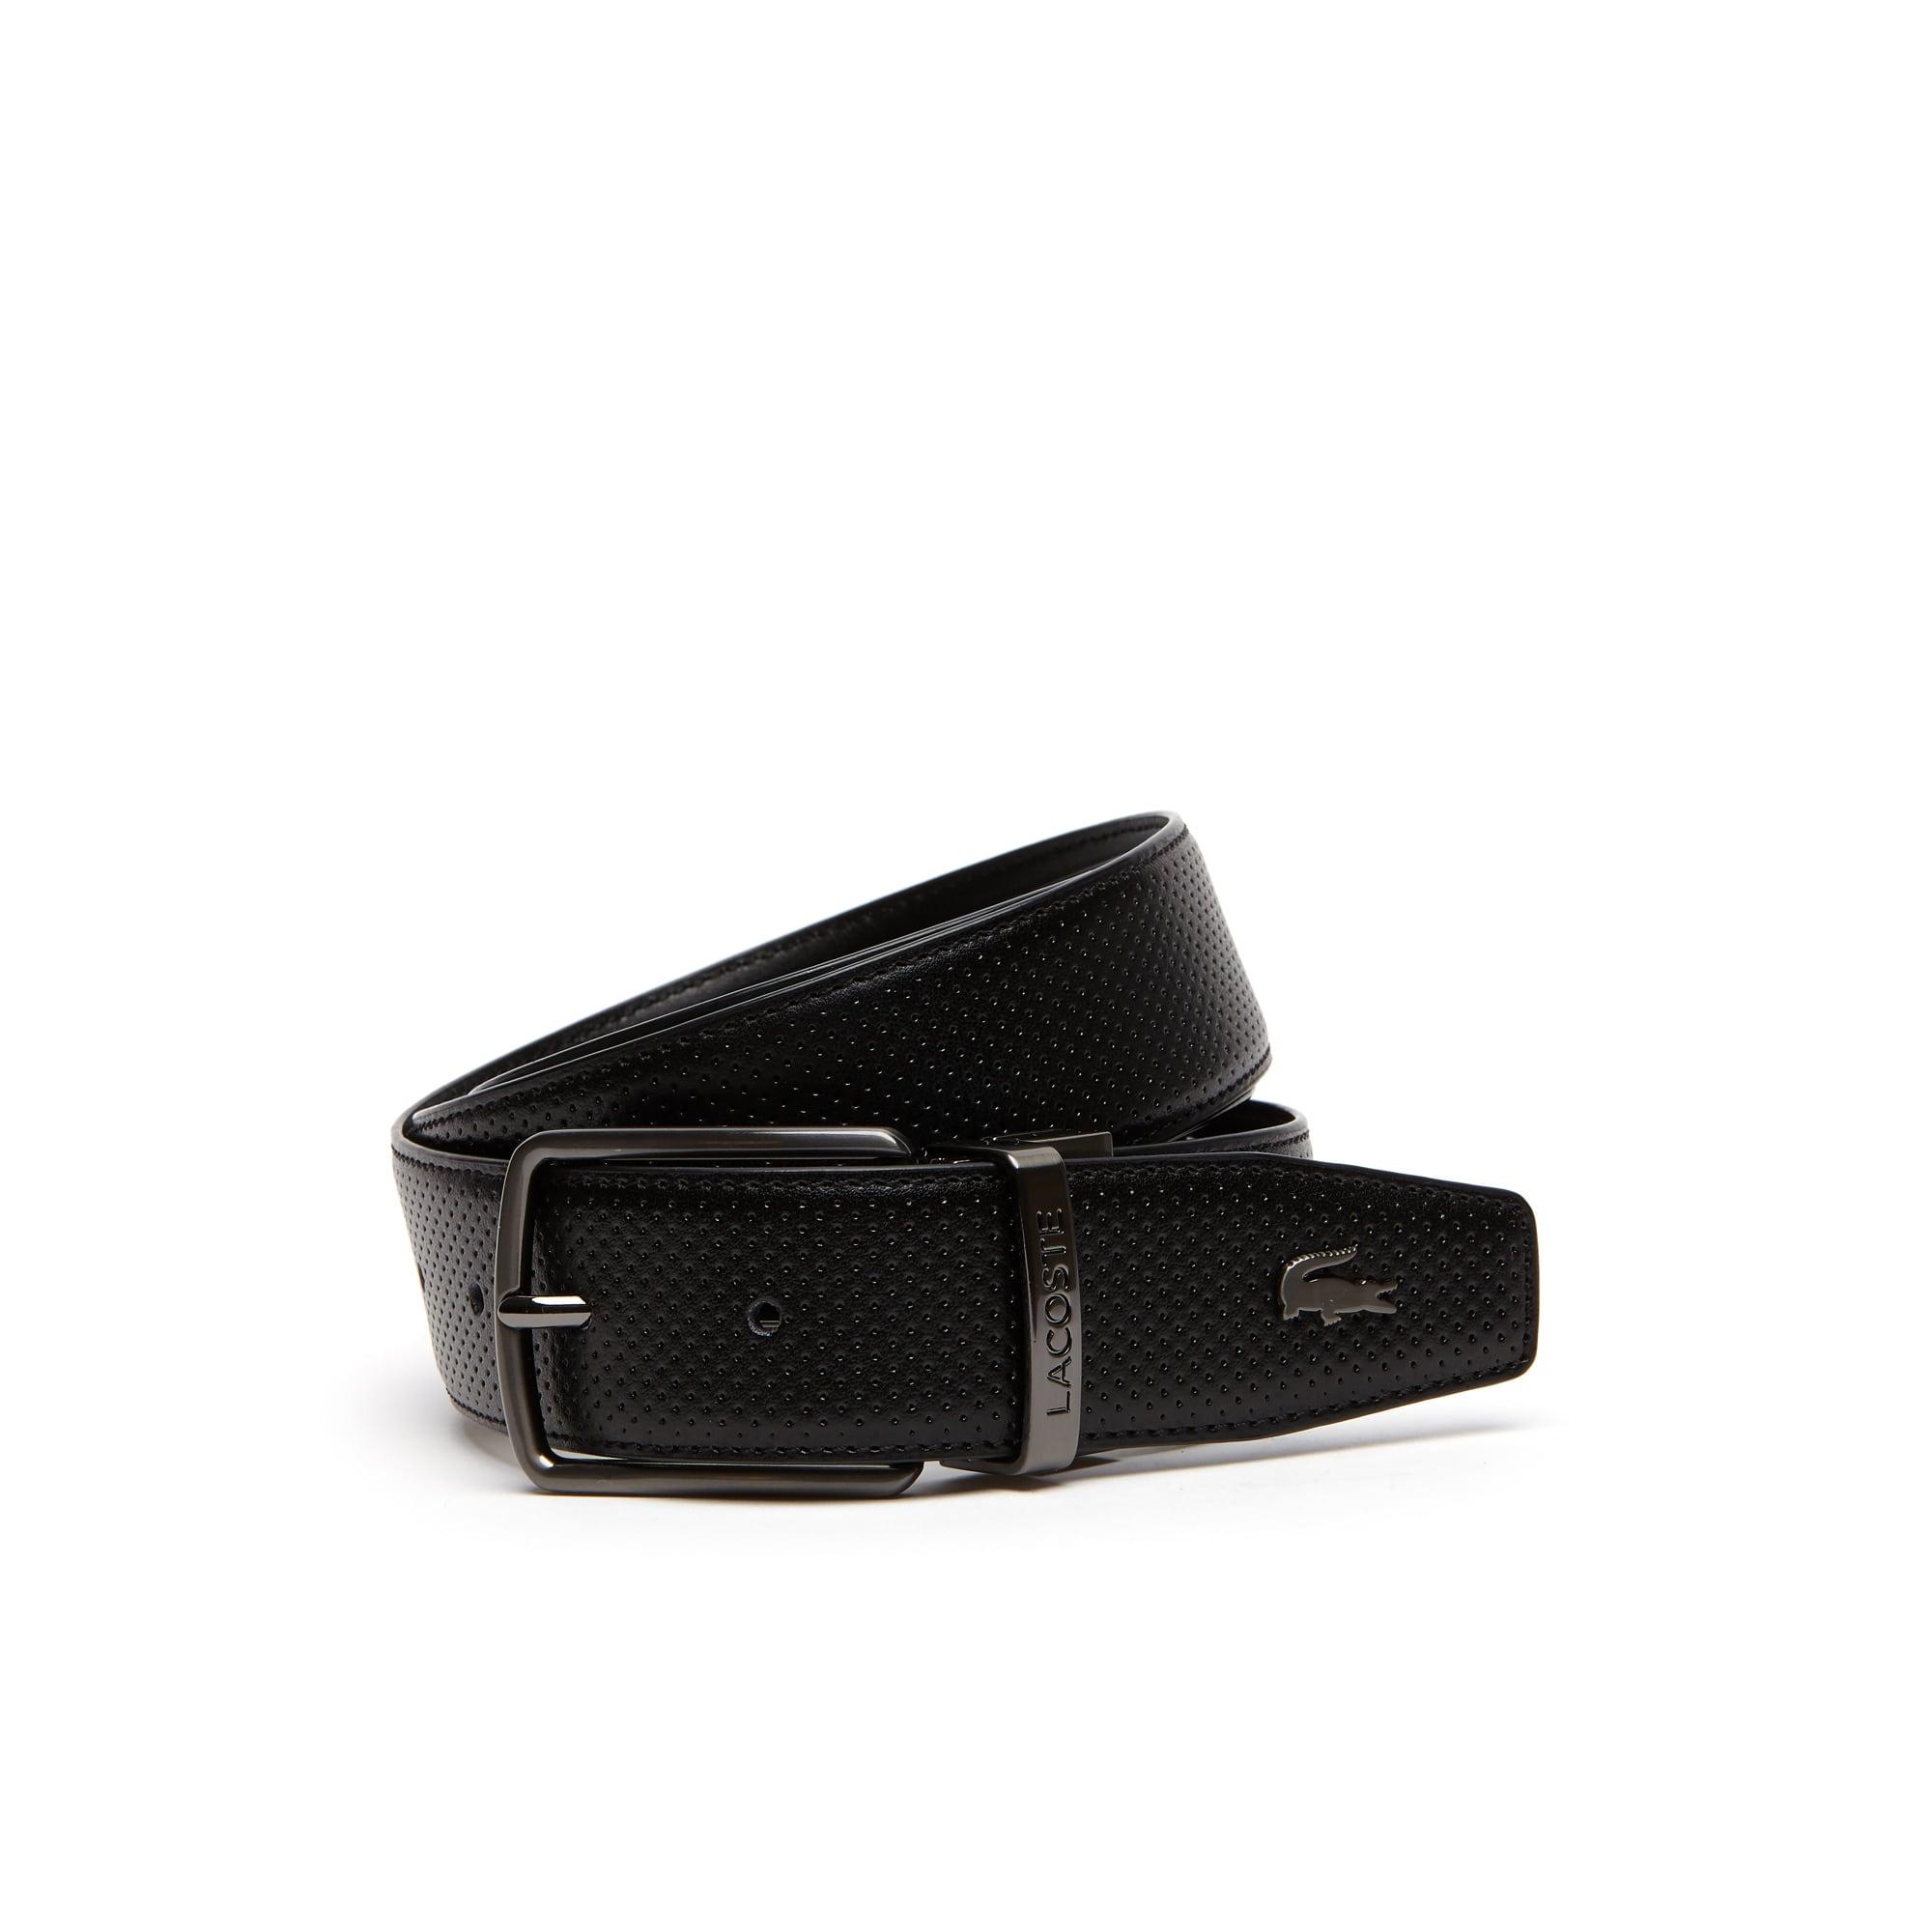 Cinturón de cuero perforado reversible con hebilla de lengüeta grabada Lacoste